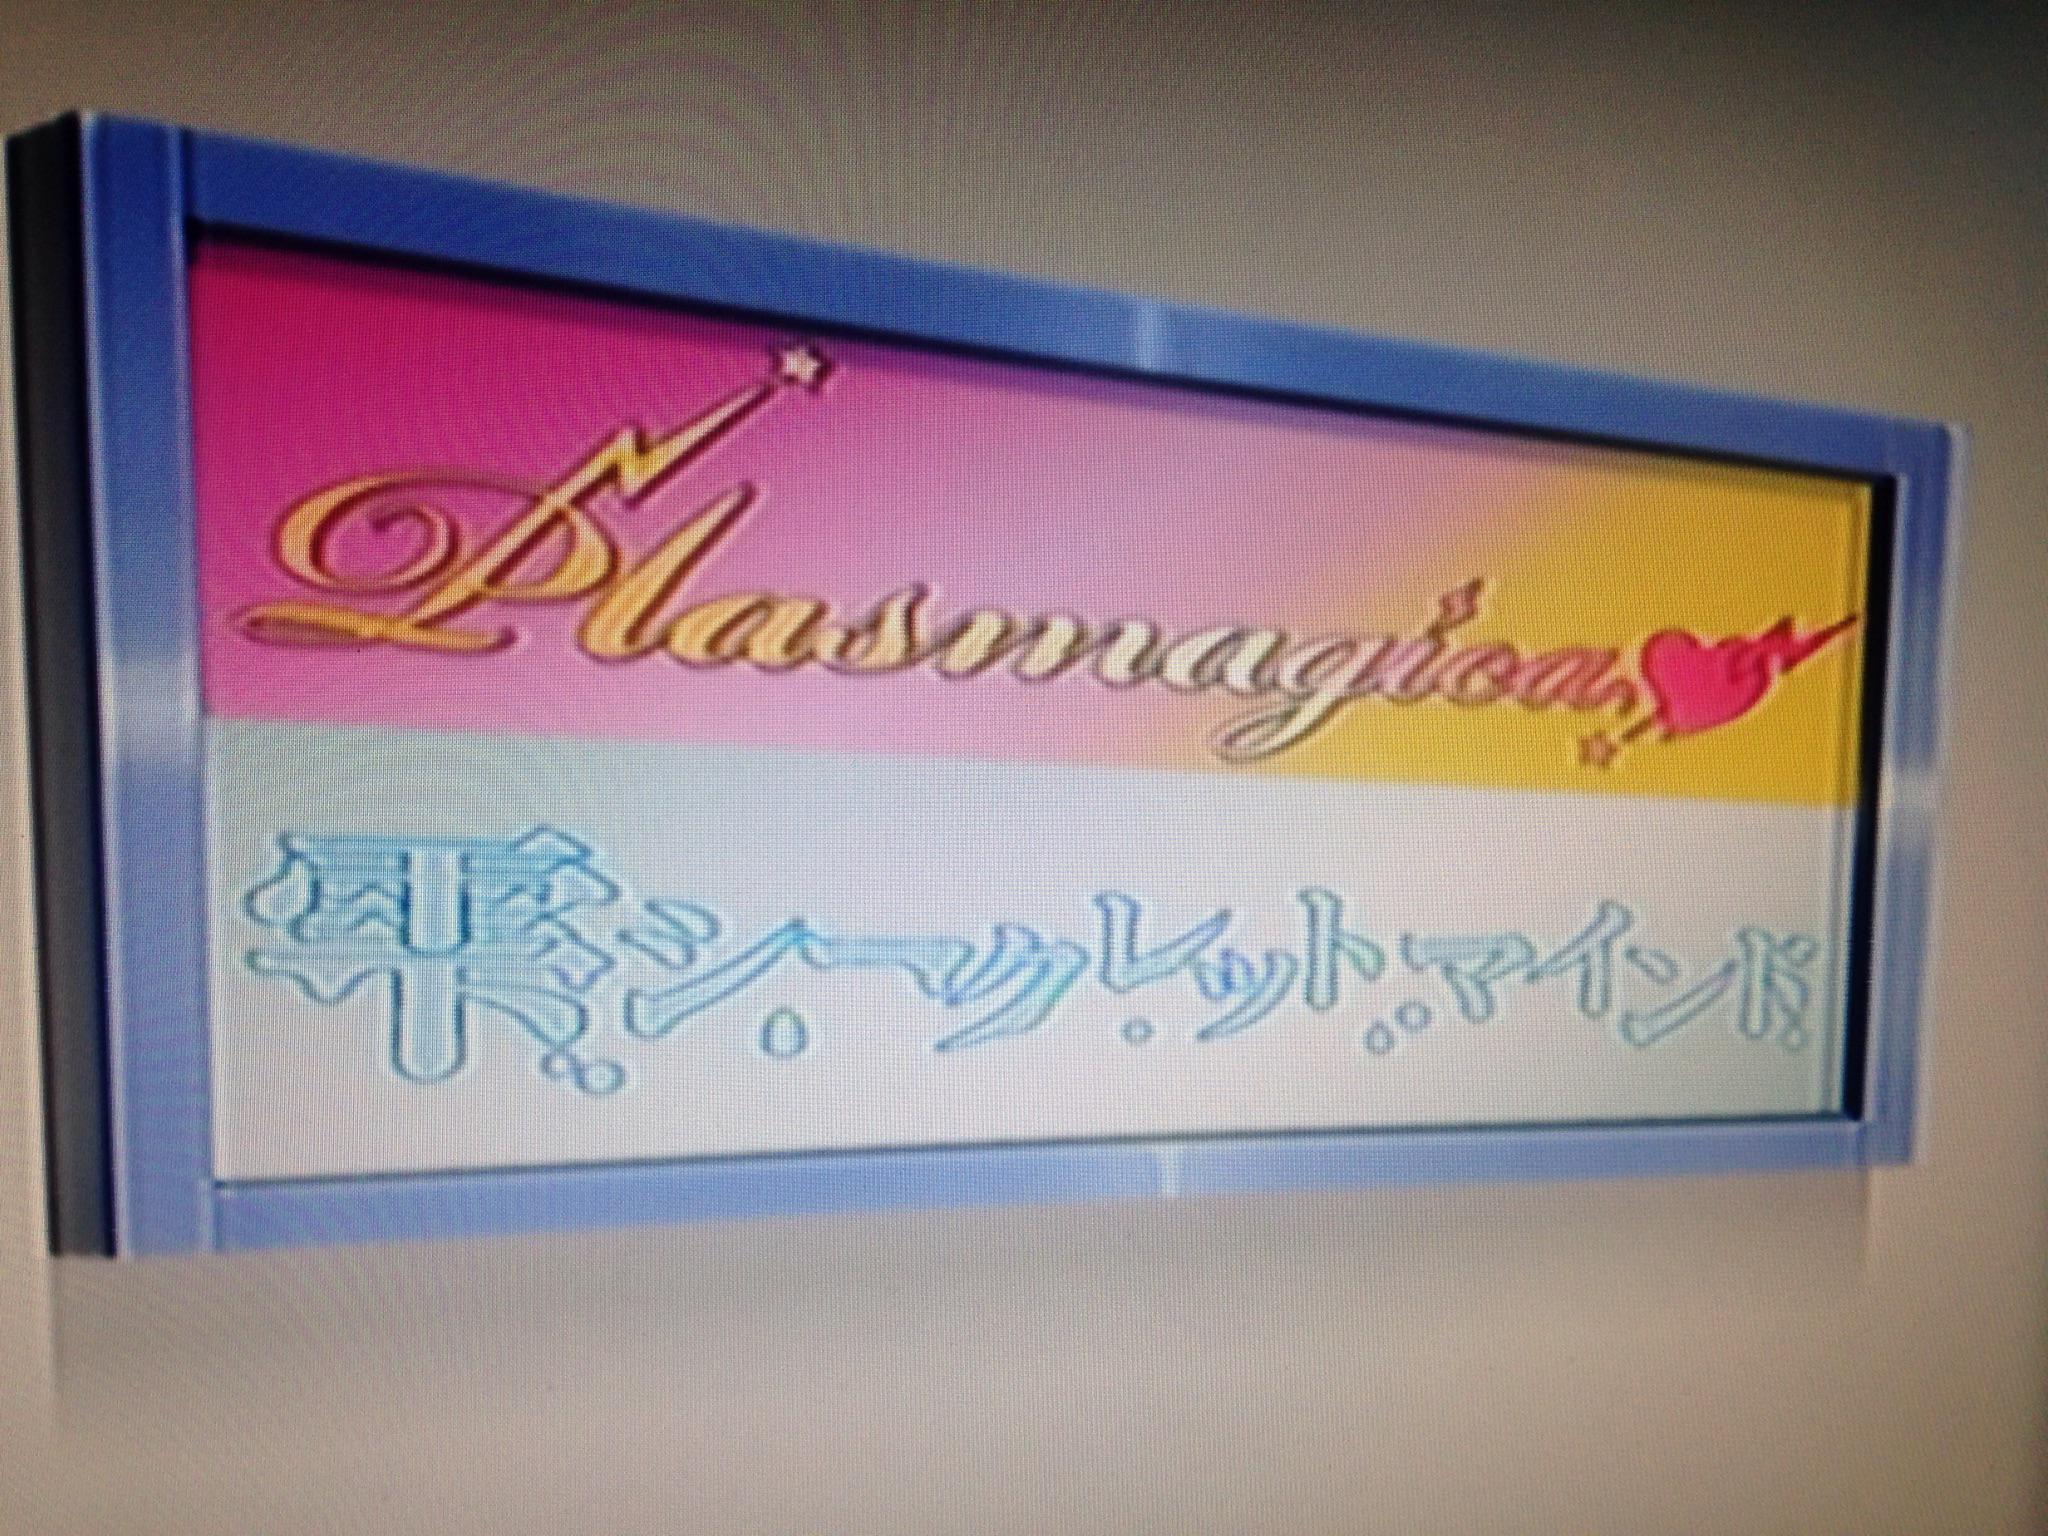 雫シークレットきた!! #SB69A http://t.co/CJroIolWqj